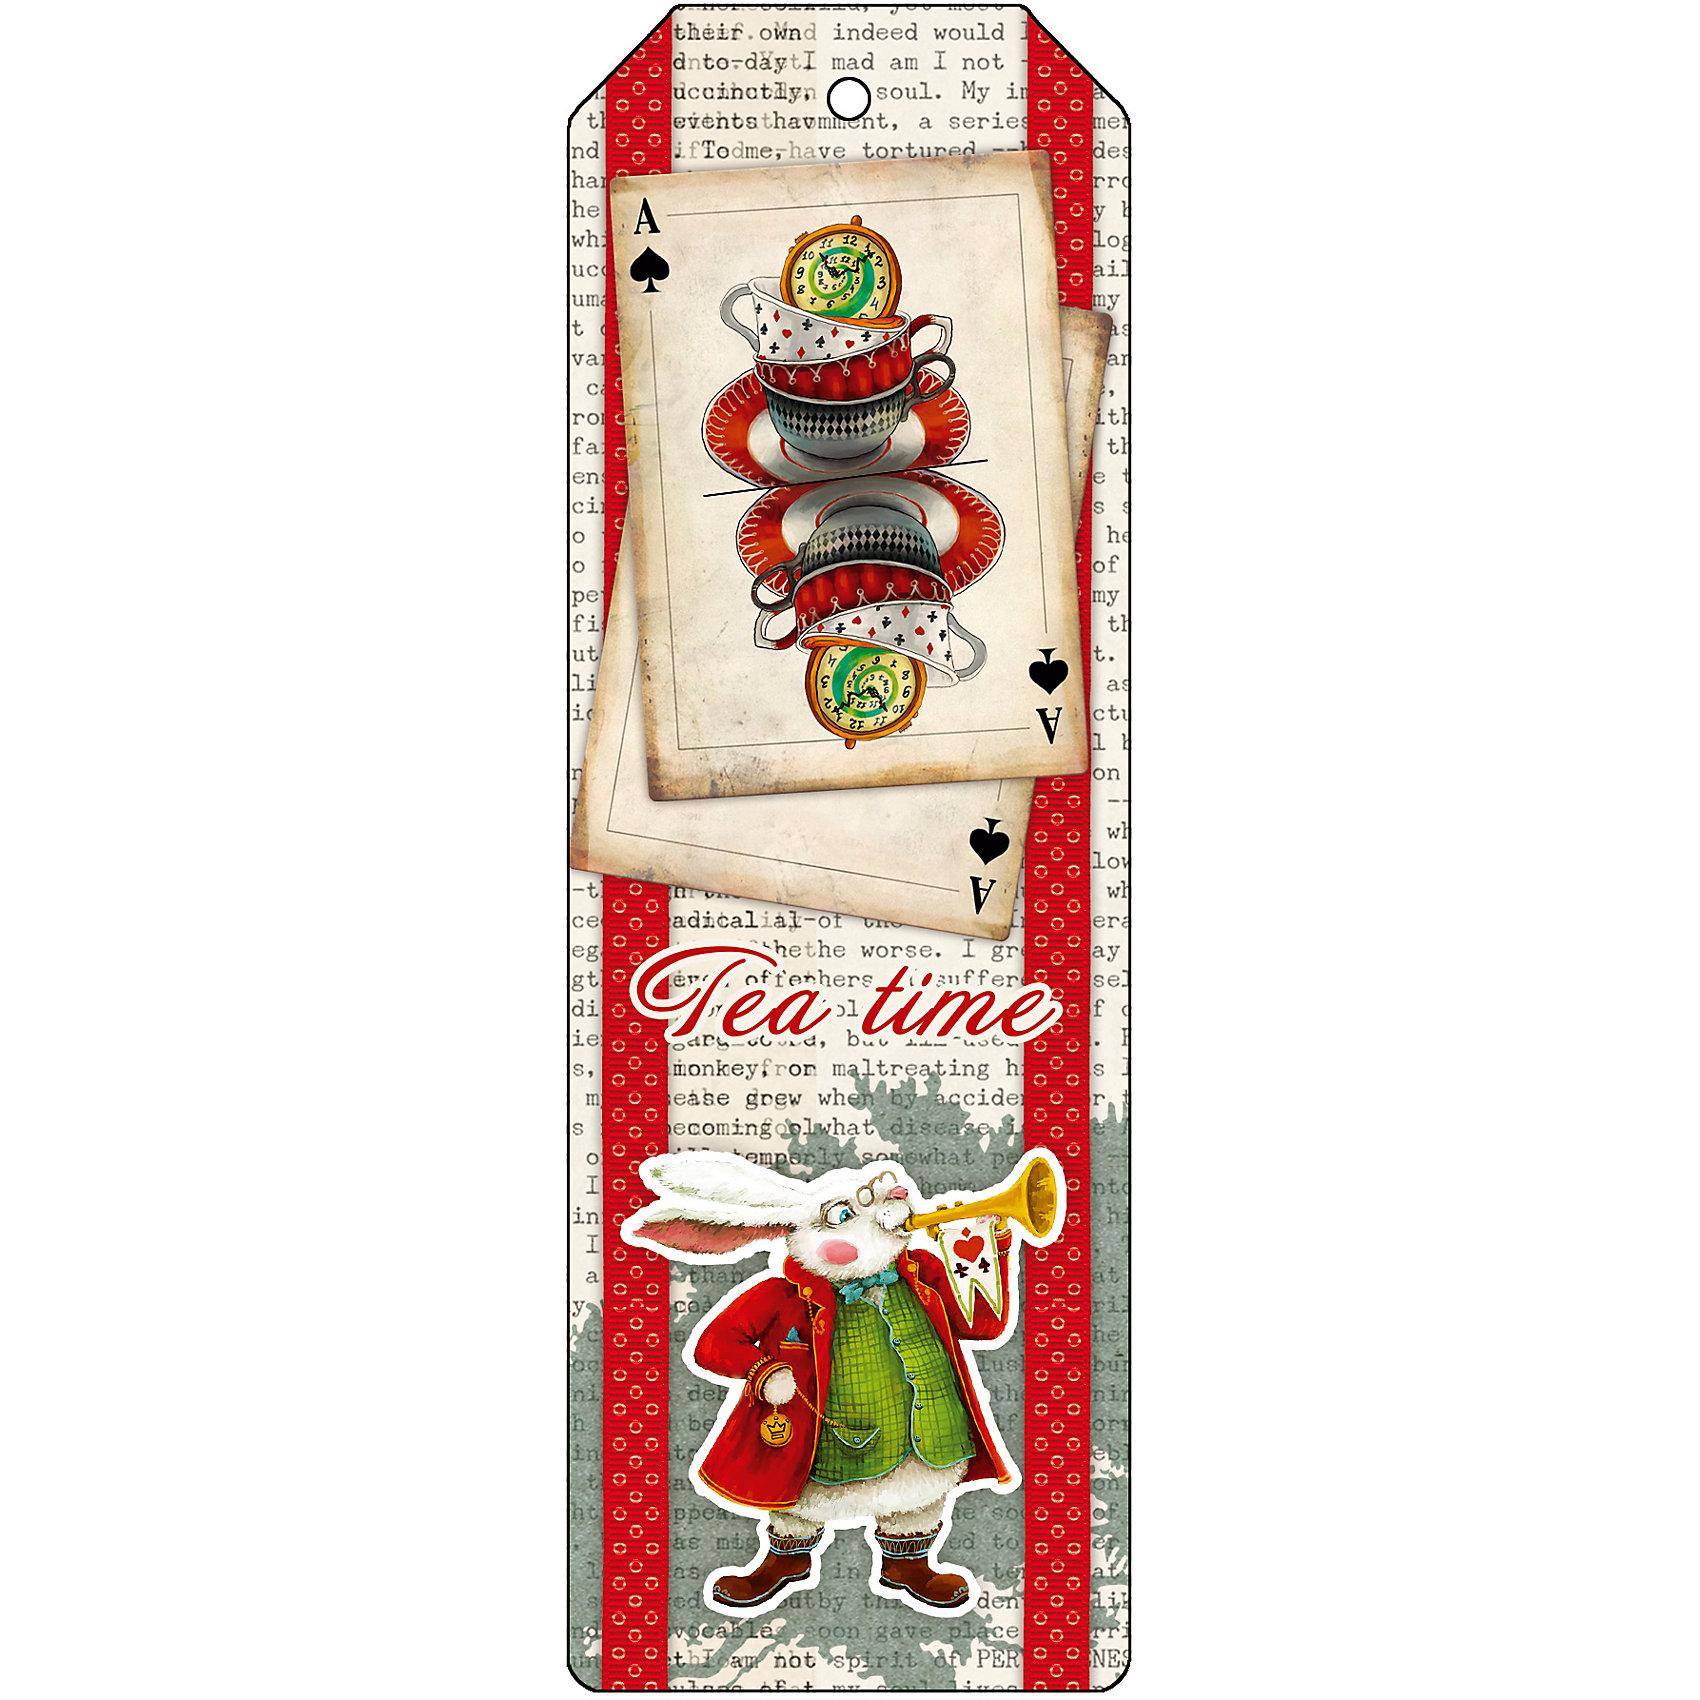 Закладка для книг декоративная Страна чудесХарактеристики декоративной закладки для книг Страна чудес:<br><br>• тип: закладка<br>• материал: металл<br>• длина:15 см<br>• размеры: 19 x 6 x 0.5 см <br>• упаковка: пакет<br>• вес в упаковке, 45 г<br>• страна-изготовитель: Китай<br><br>Декоративная закладка для книг Страна чудес выполнена из черного окрашенного металла. Изделие оценят  любители книг, а также оно подойдет в качестве оригинального сувенира.<br><br>Декоративную закладку для книг Страна чудес можно купить в нашем интернет-магазине.<br><br>Ширина мм: 150<br>Глубина мм: 50<br>Высота мм: 10<br>Вес г: 31<br>Возраст от месяцев: 48<br>Возраст до месяцев: 144<br>Пол: Унисекс<br>Возраст: Детский<br>SKU: 5479443